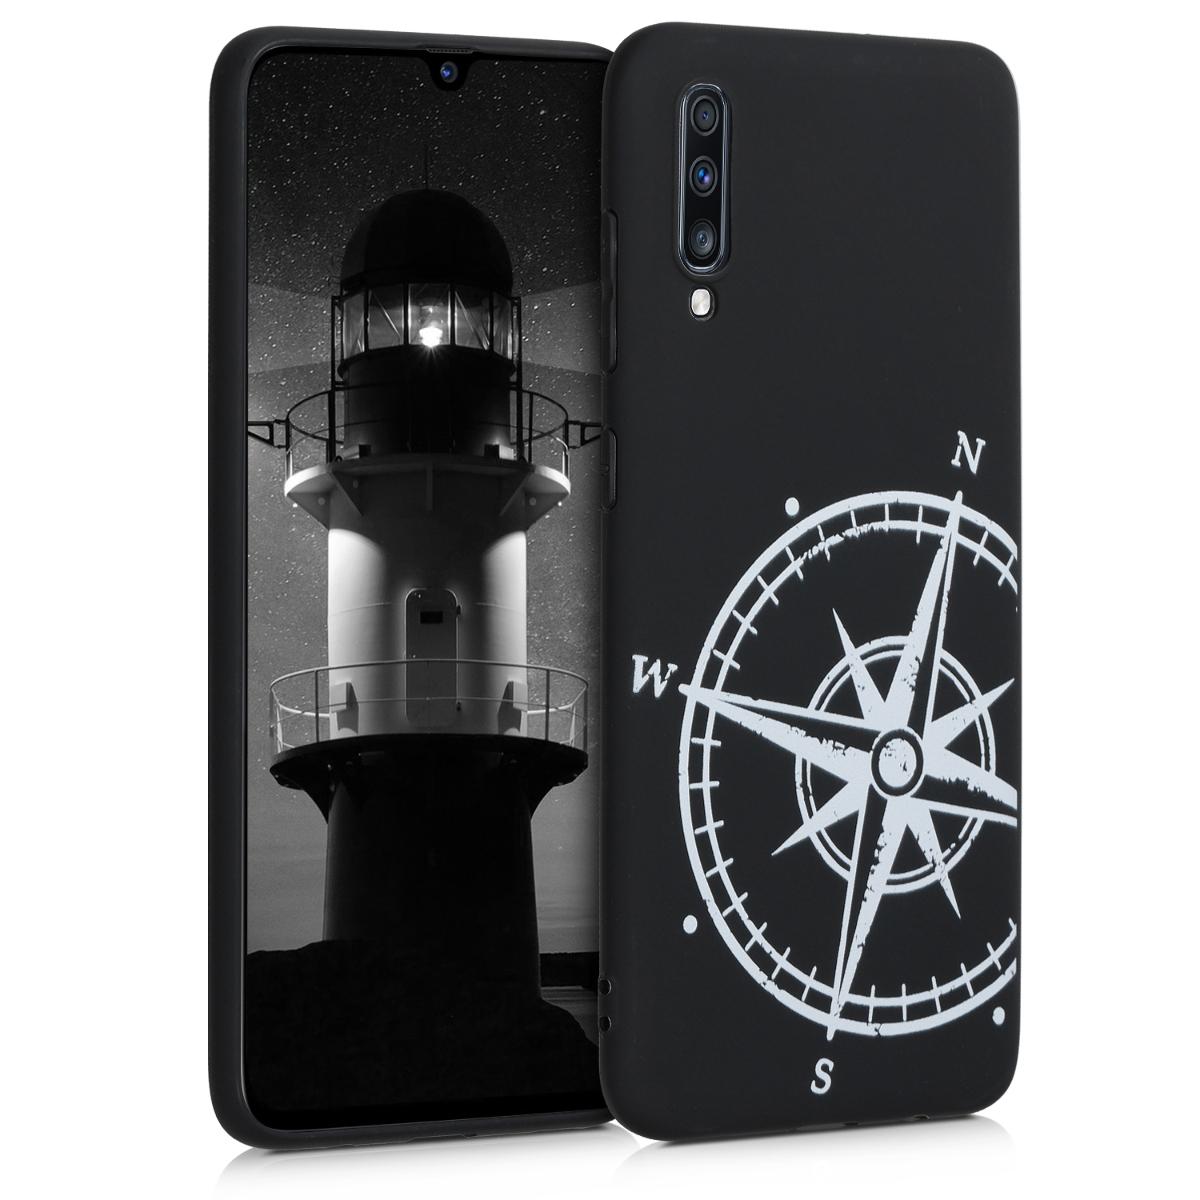 Kvalitní silikonové TPU pouzdro pro Samsung A70 - Navigační Compass bílé / černé